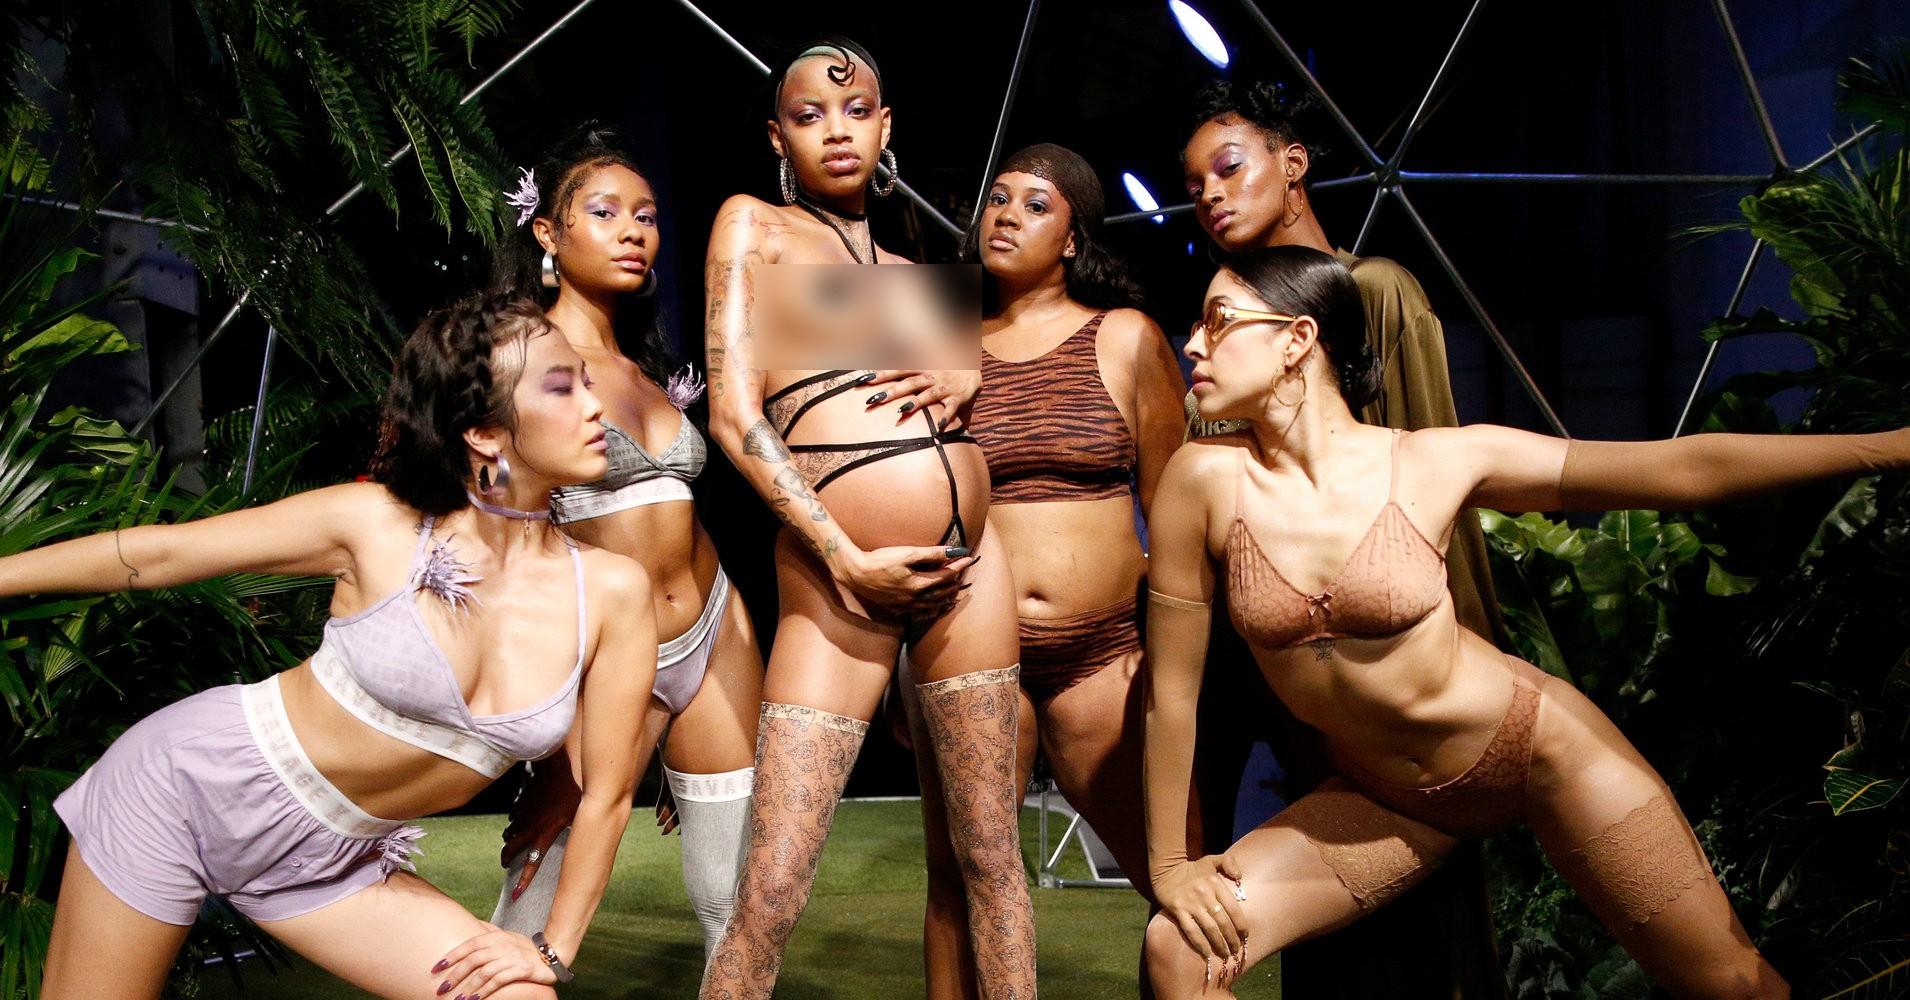 Câu hỏi: Show diễn nội y đầu tiên của Rihanna có gì đáng gờm mà để Marc Jacobs phải ra tay chèn ép? - Ảnh 3.